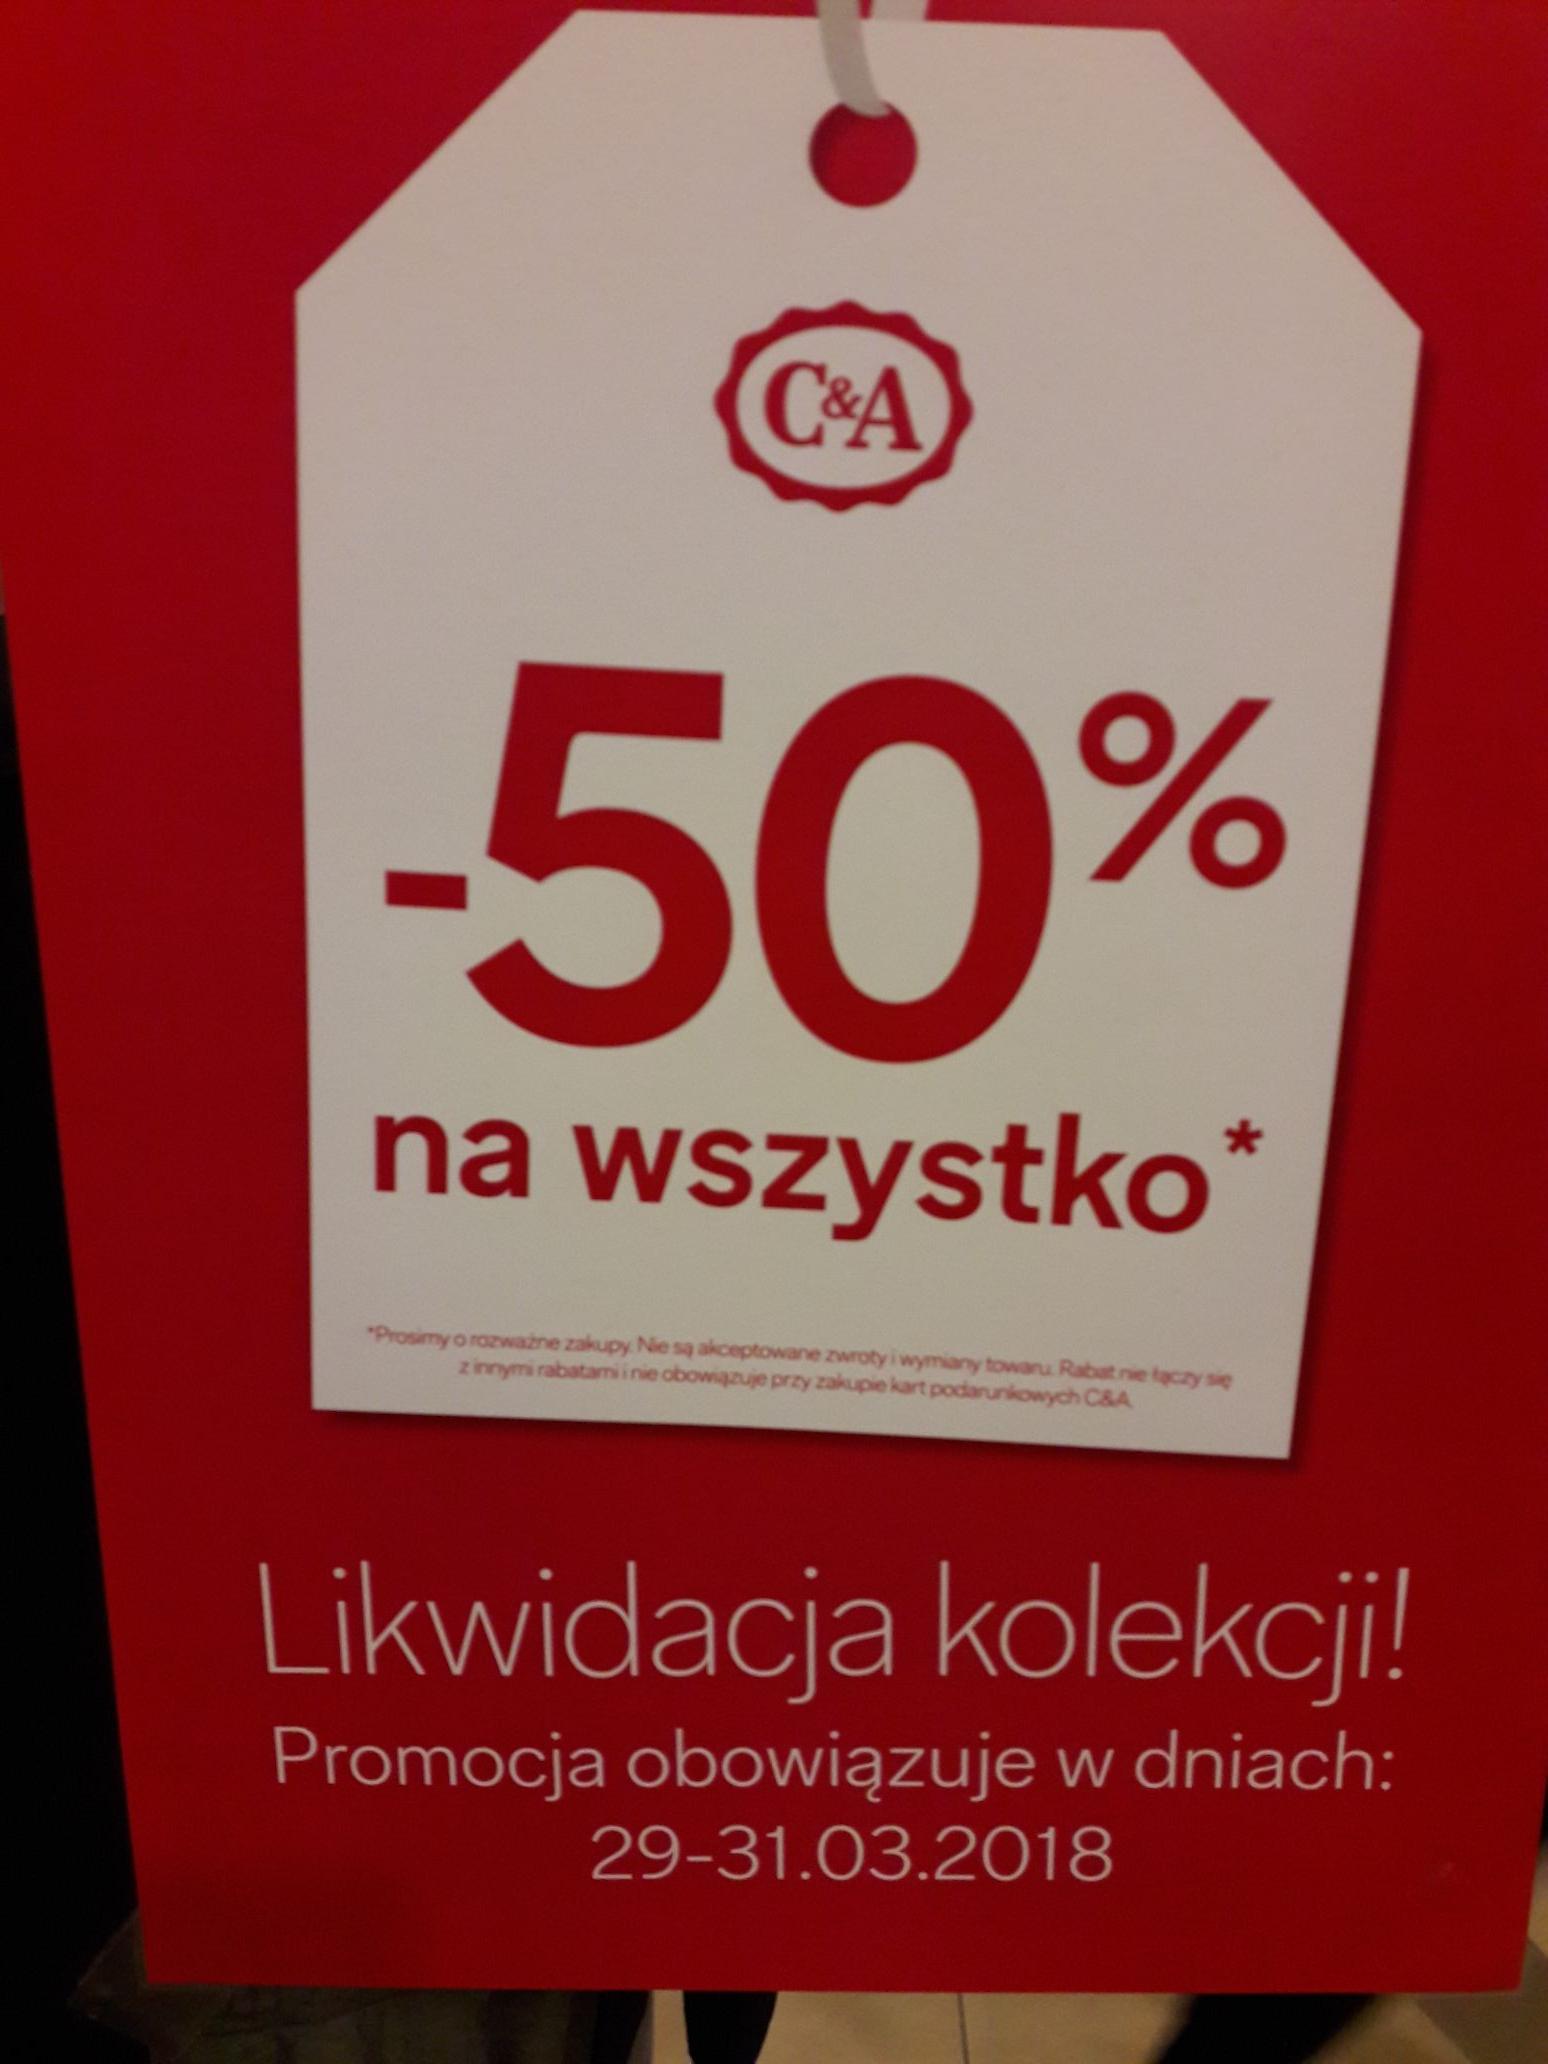 -50% na wszystko C & A Opole CH Solaris